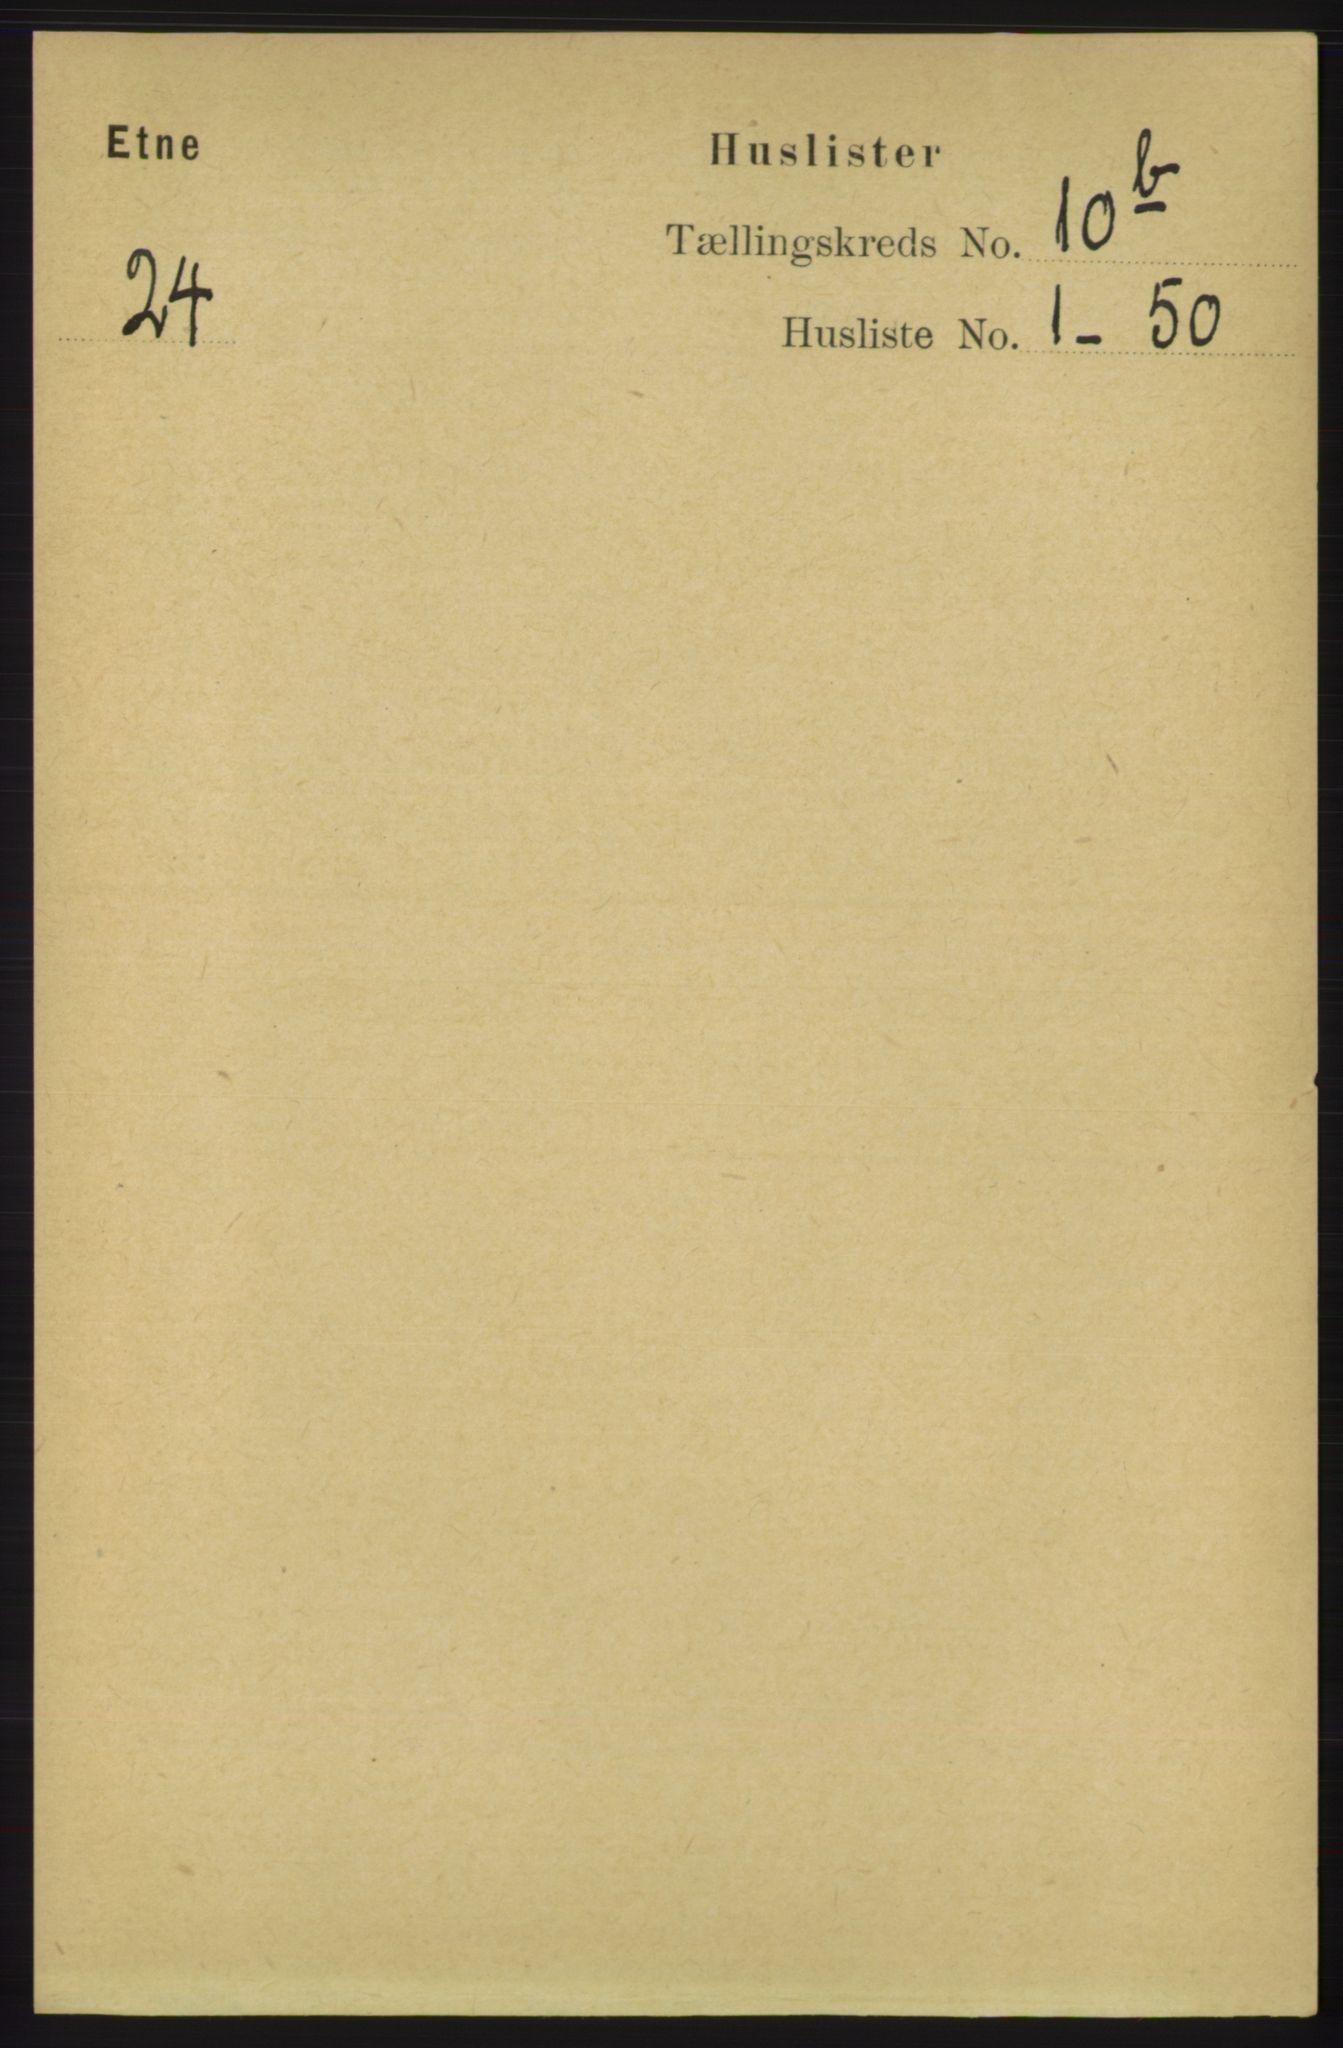 RA, Folketelling 1891 for 1211 Etne herred, 1891, s. 1952